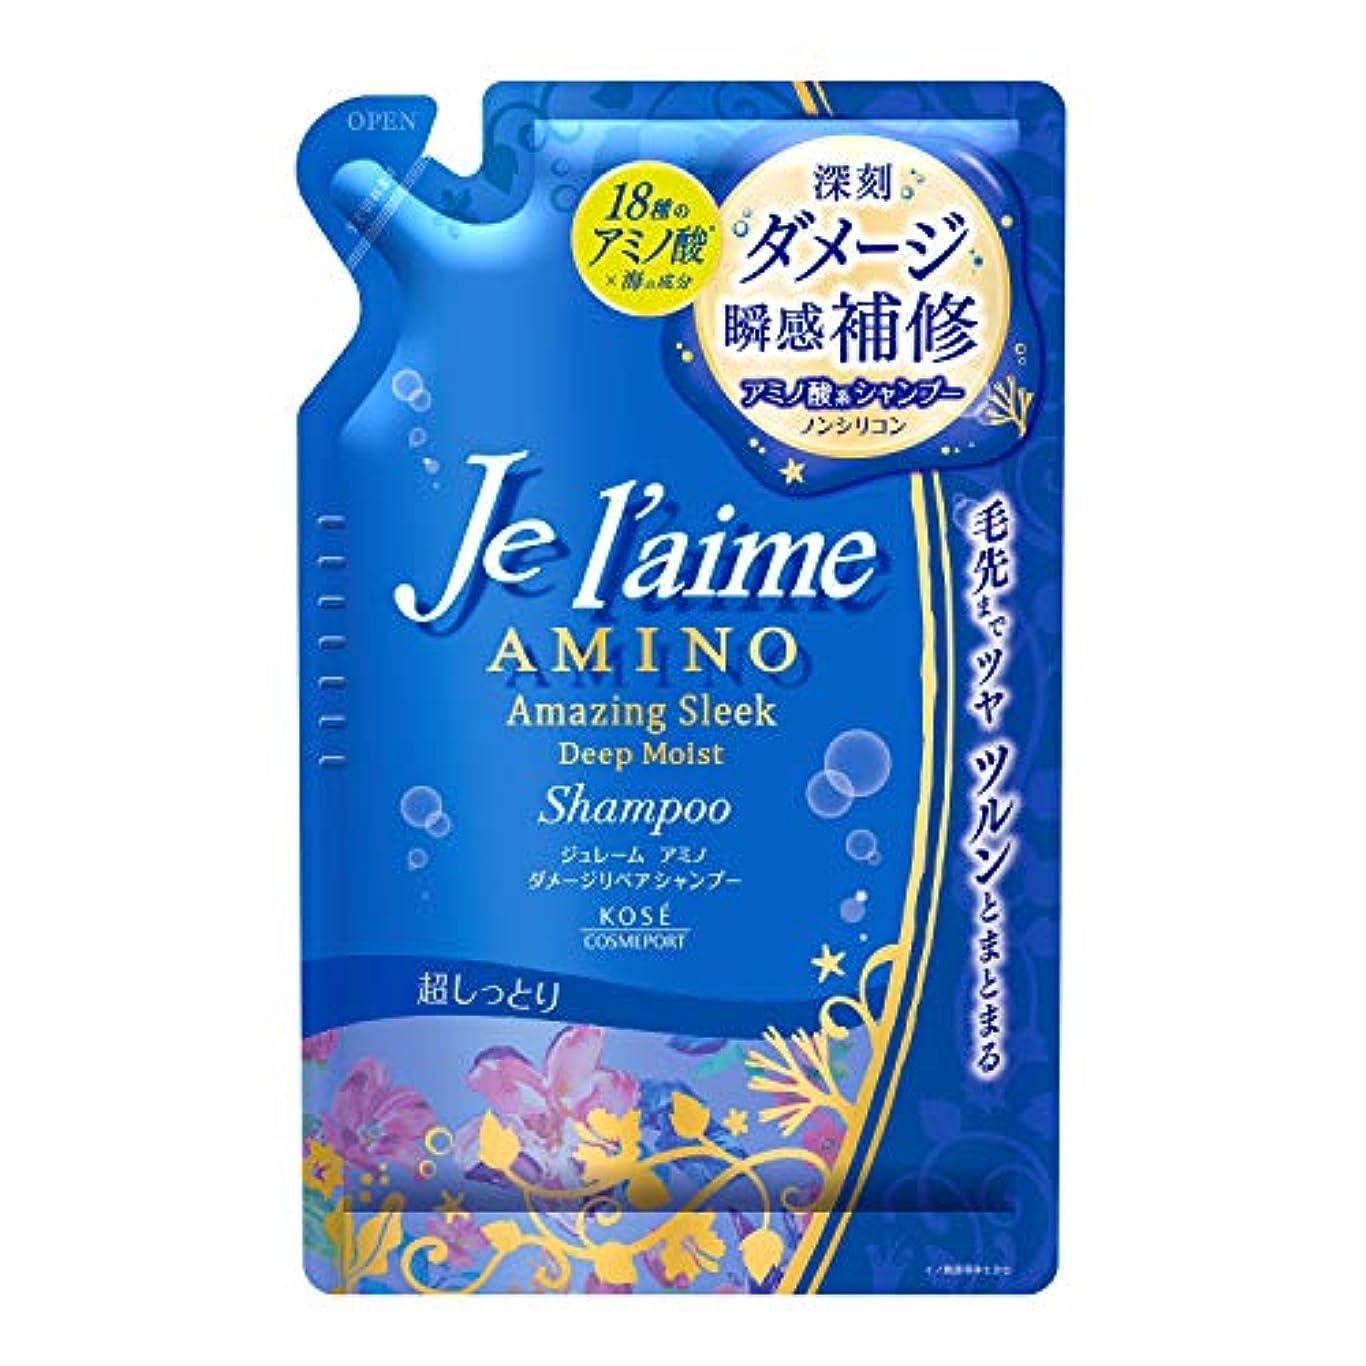 比べるキリマンジャロ下向きKOSE コーセー ジュレーム アミノ ダメージ リペア シャンプー アミノ酸 配合 (ディープモイスト) つめかえ 400ml